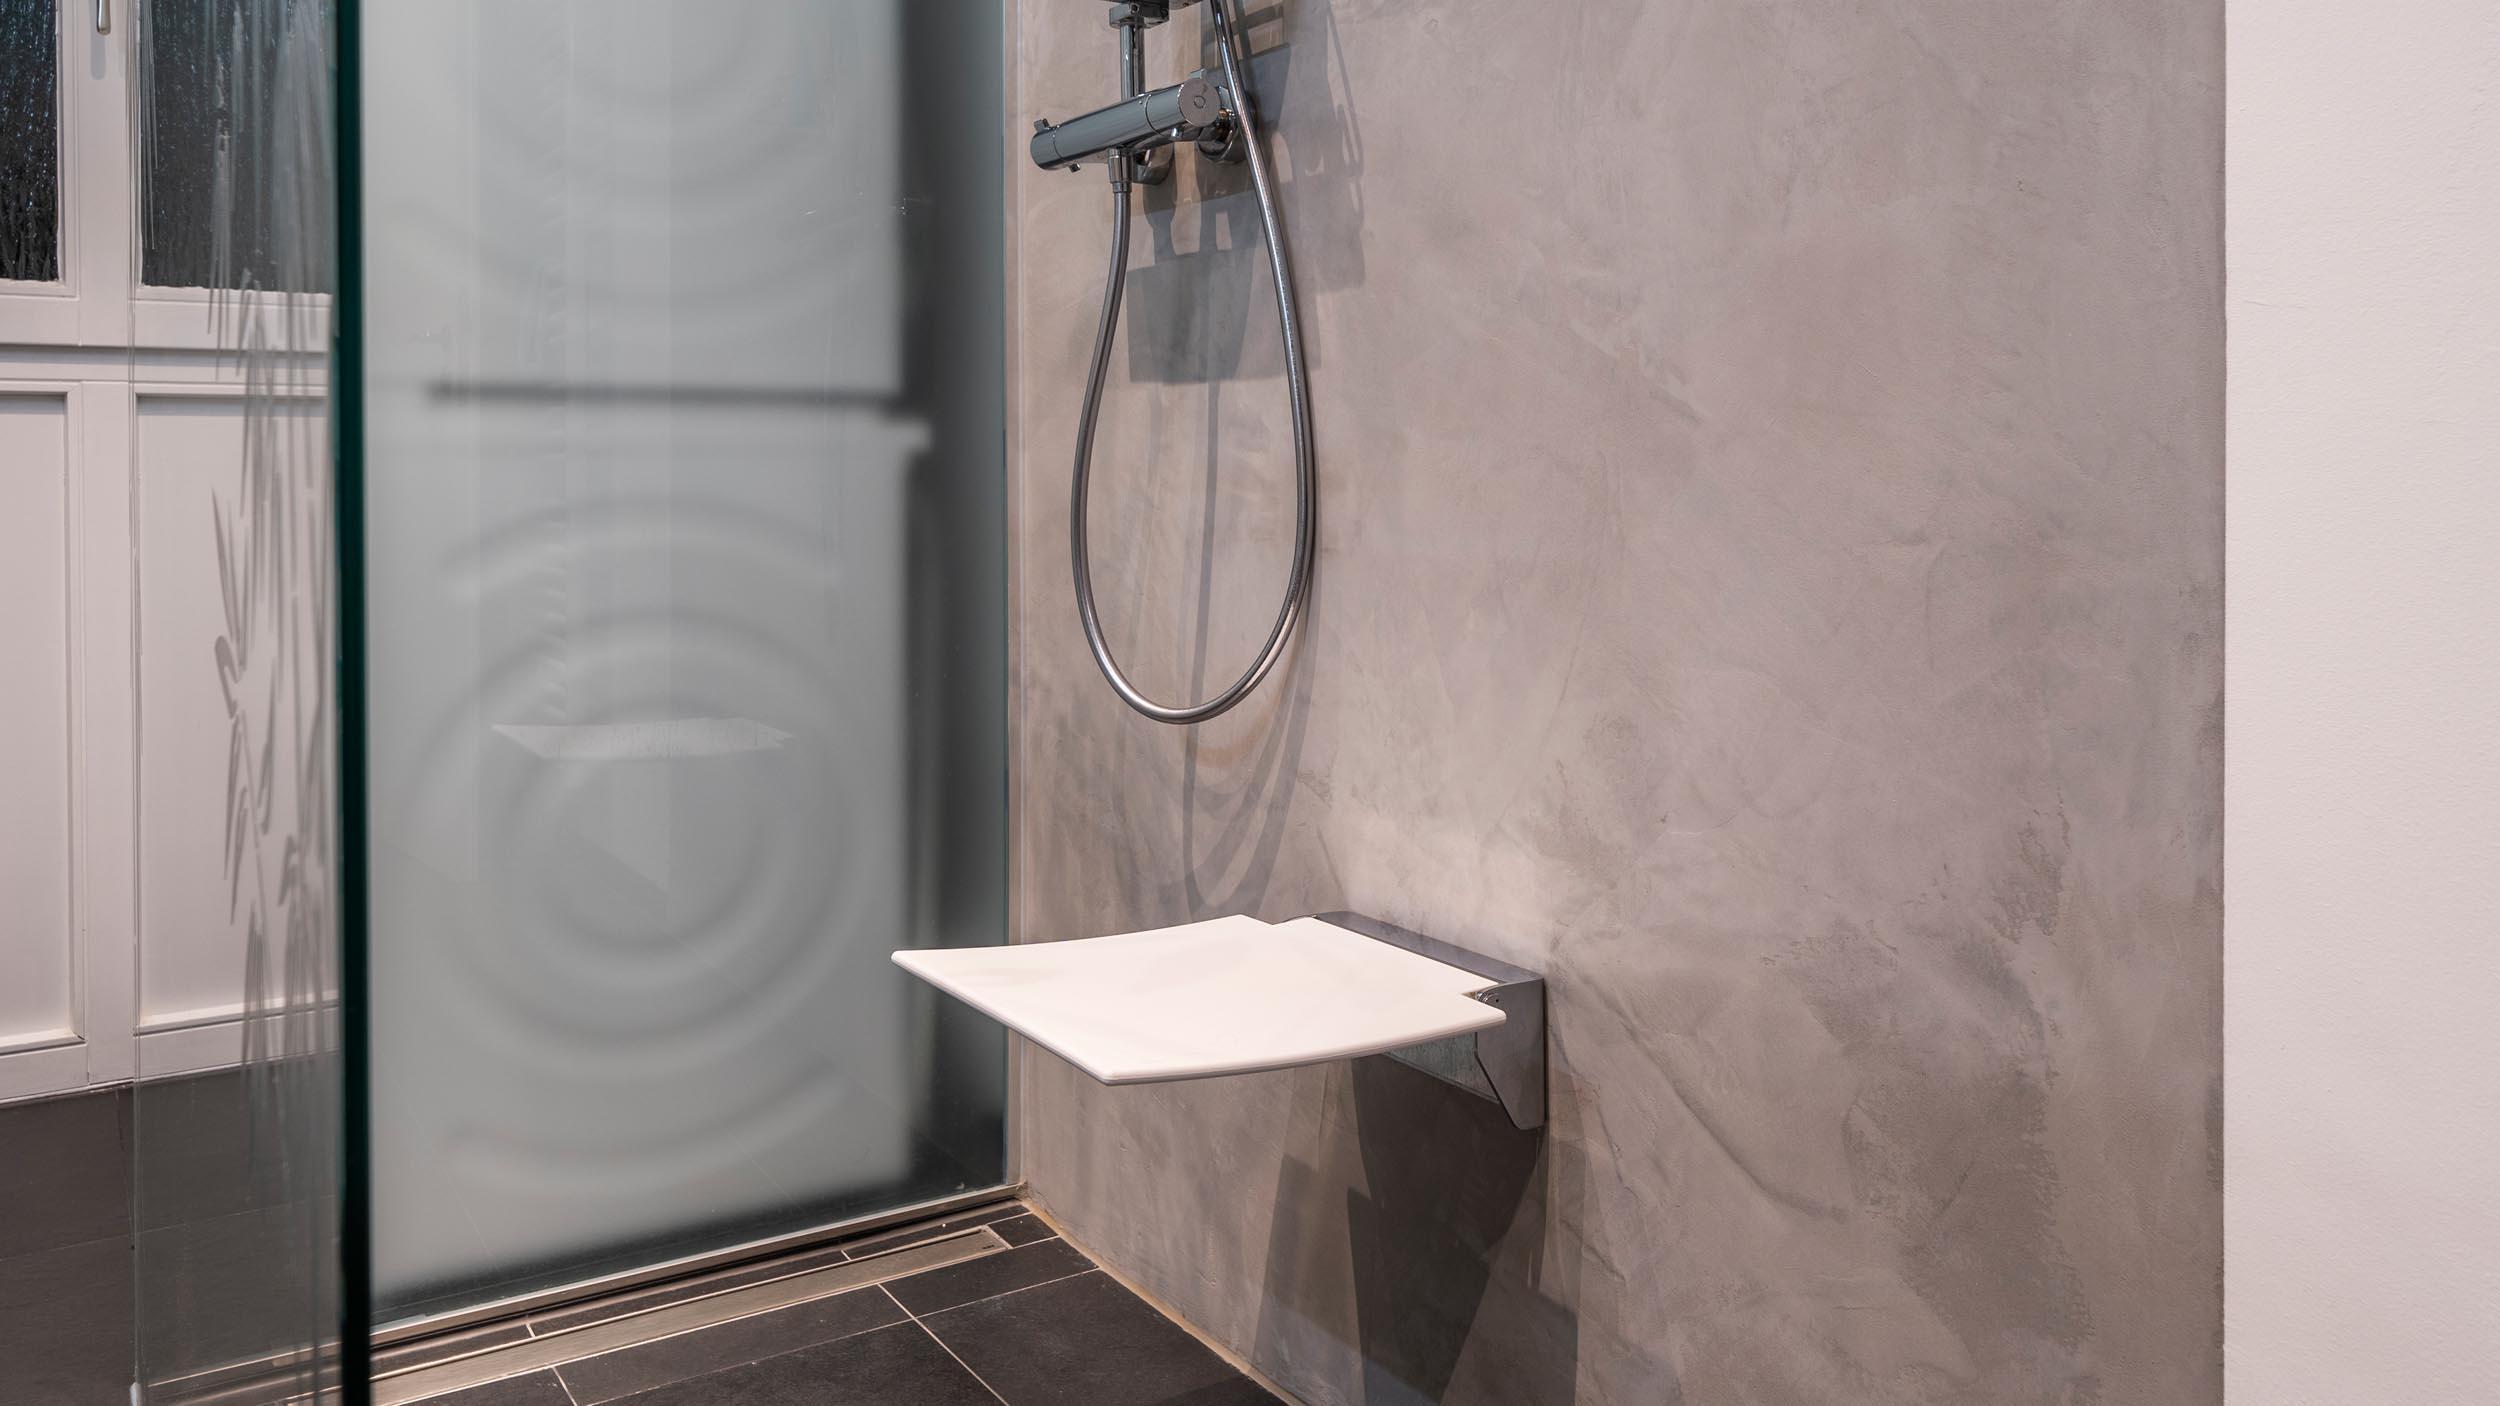 Duschsitz klappbar in der Dusche